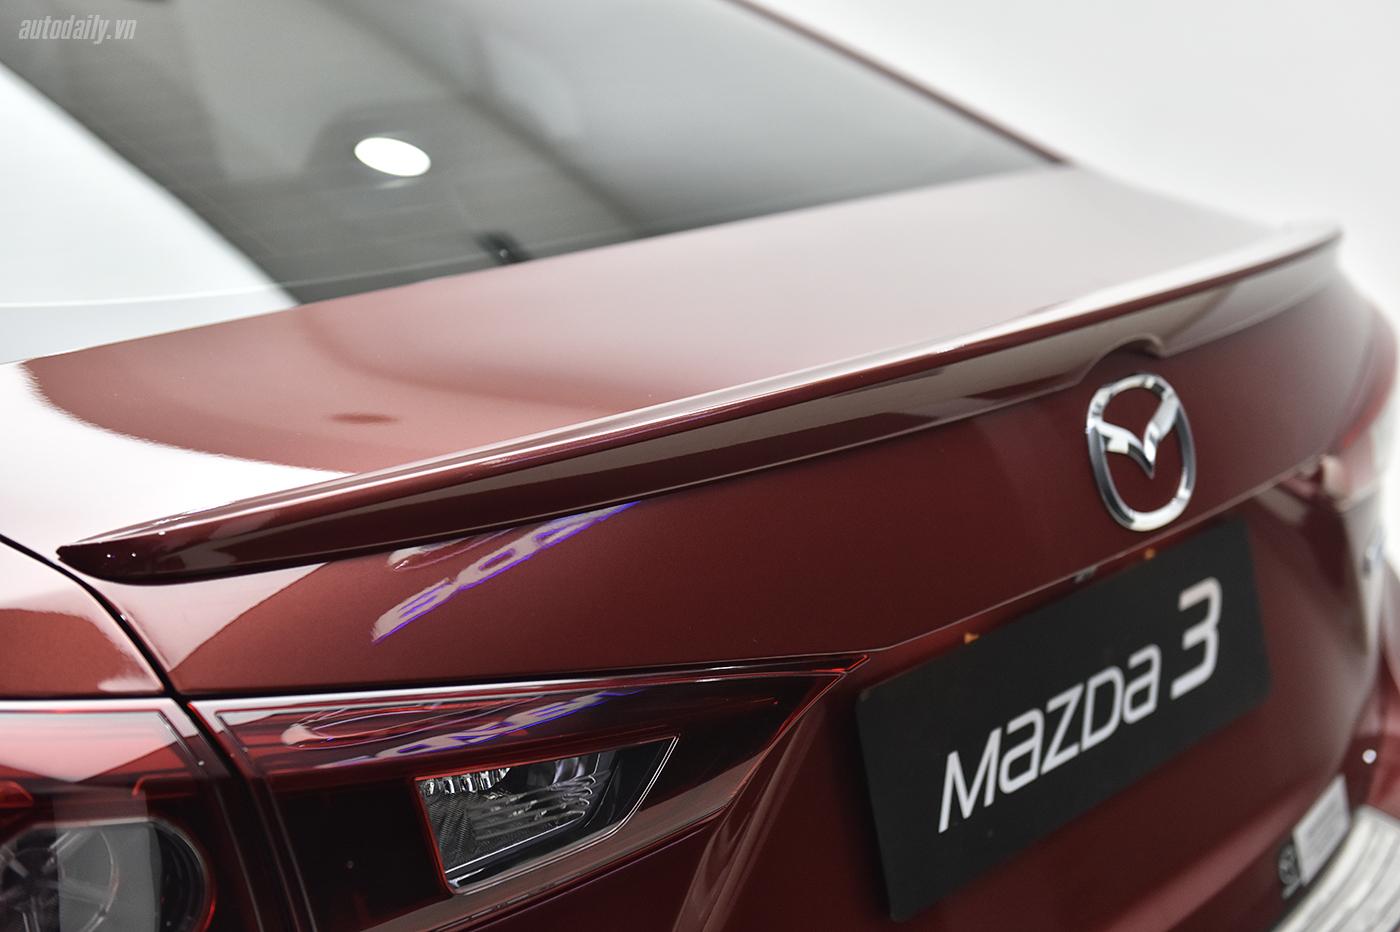 mazda3-2017-autodaily-11.jpg